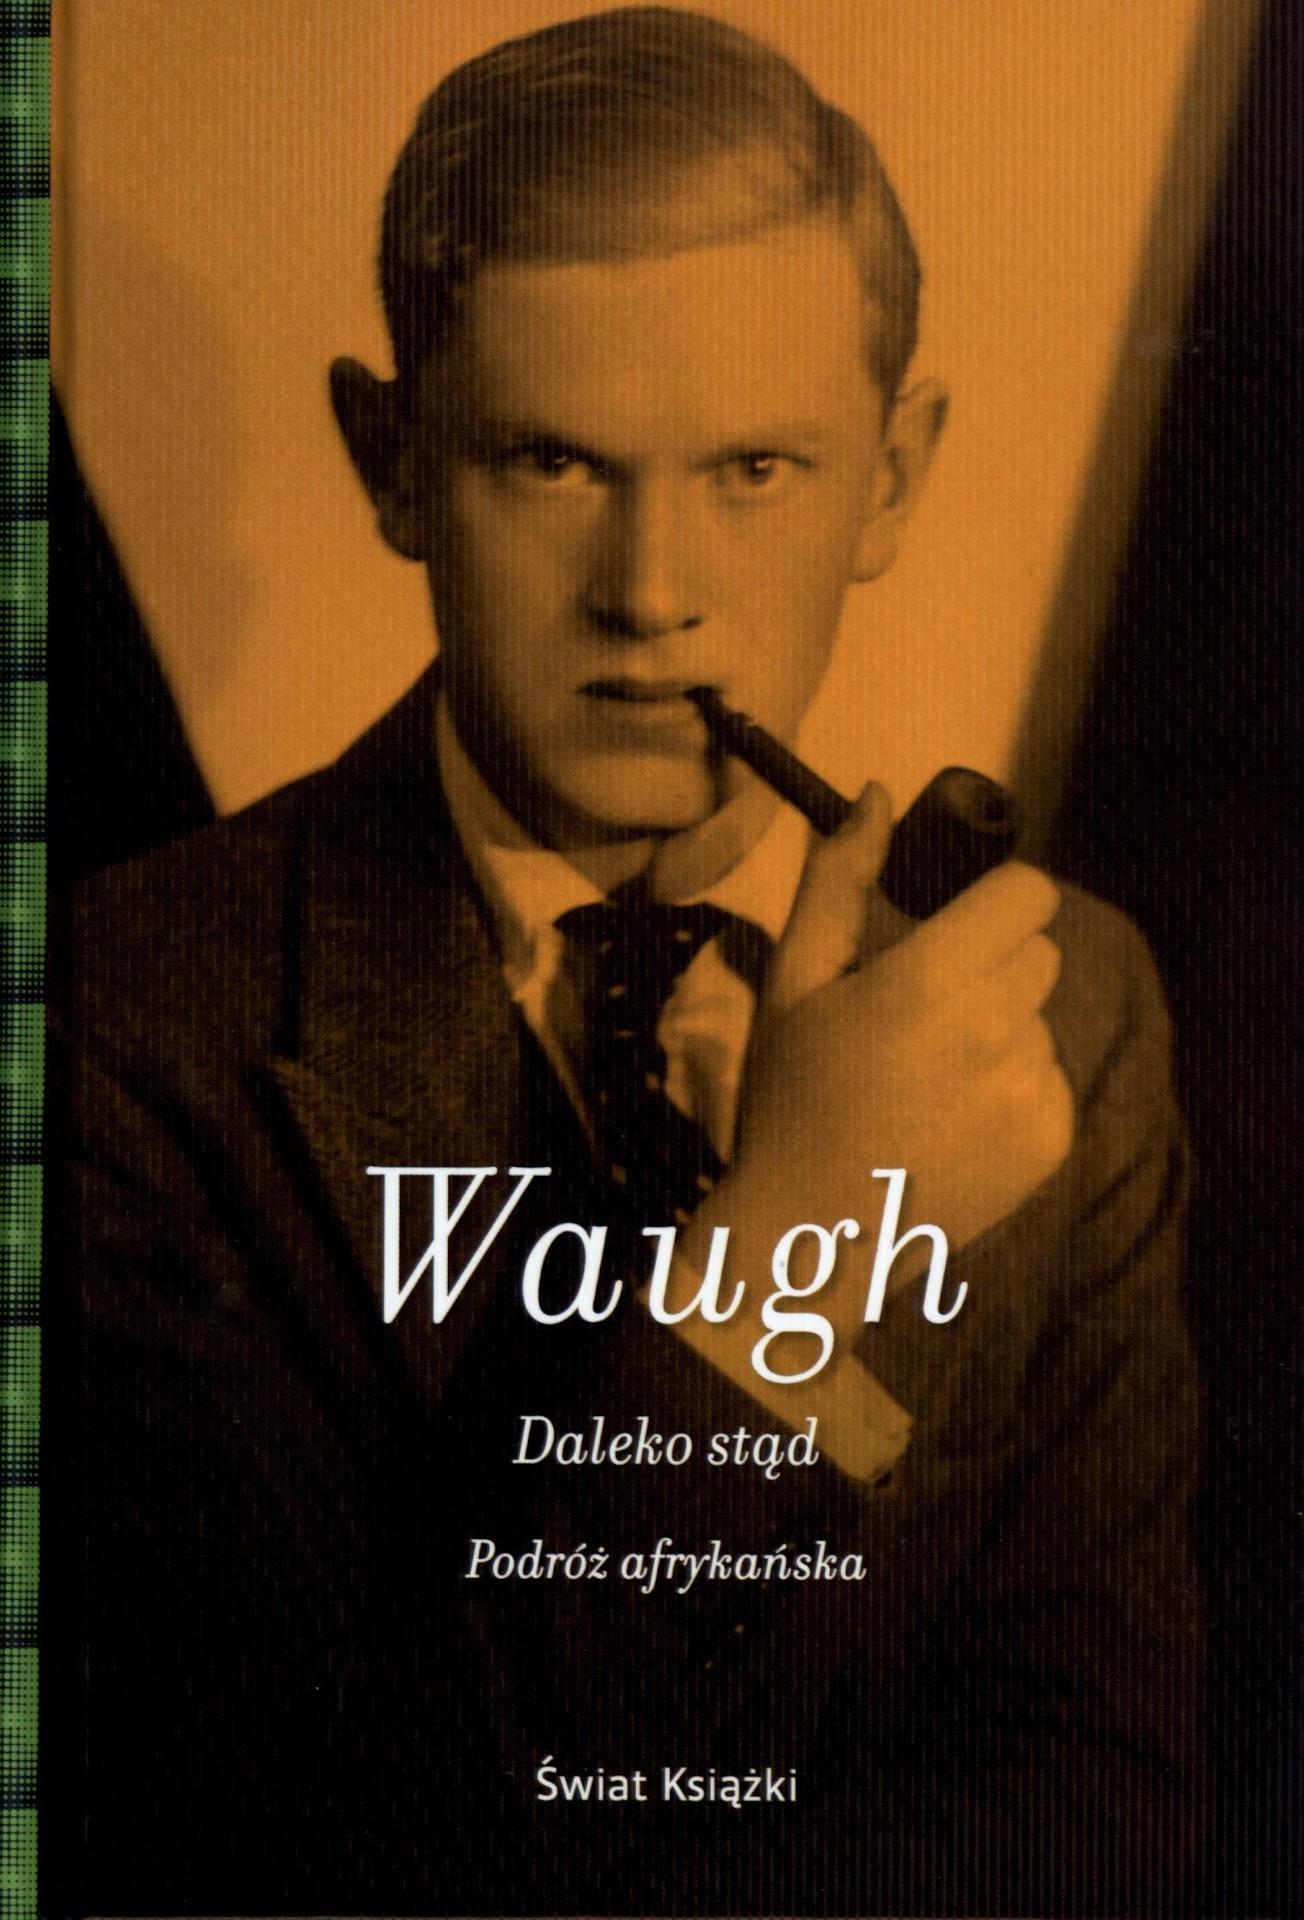 Evelyn Waugh, Daleko stąd. Podróż afrykańska